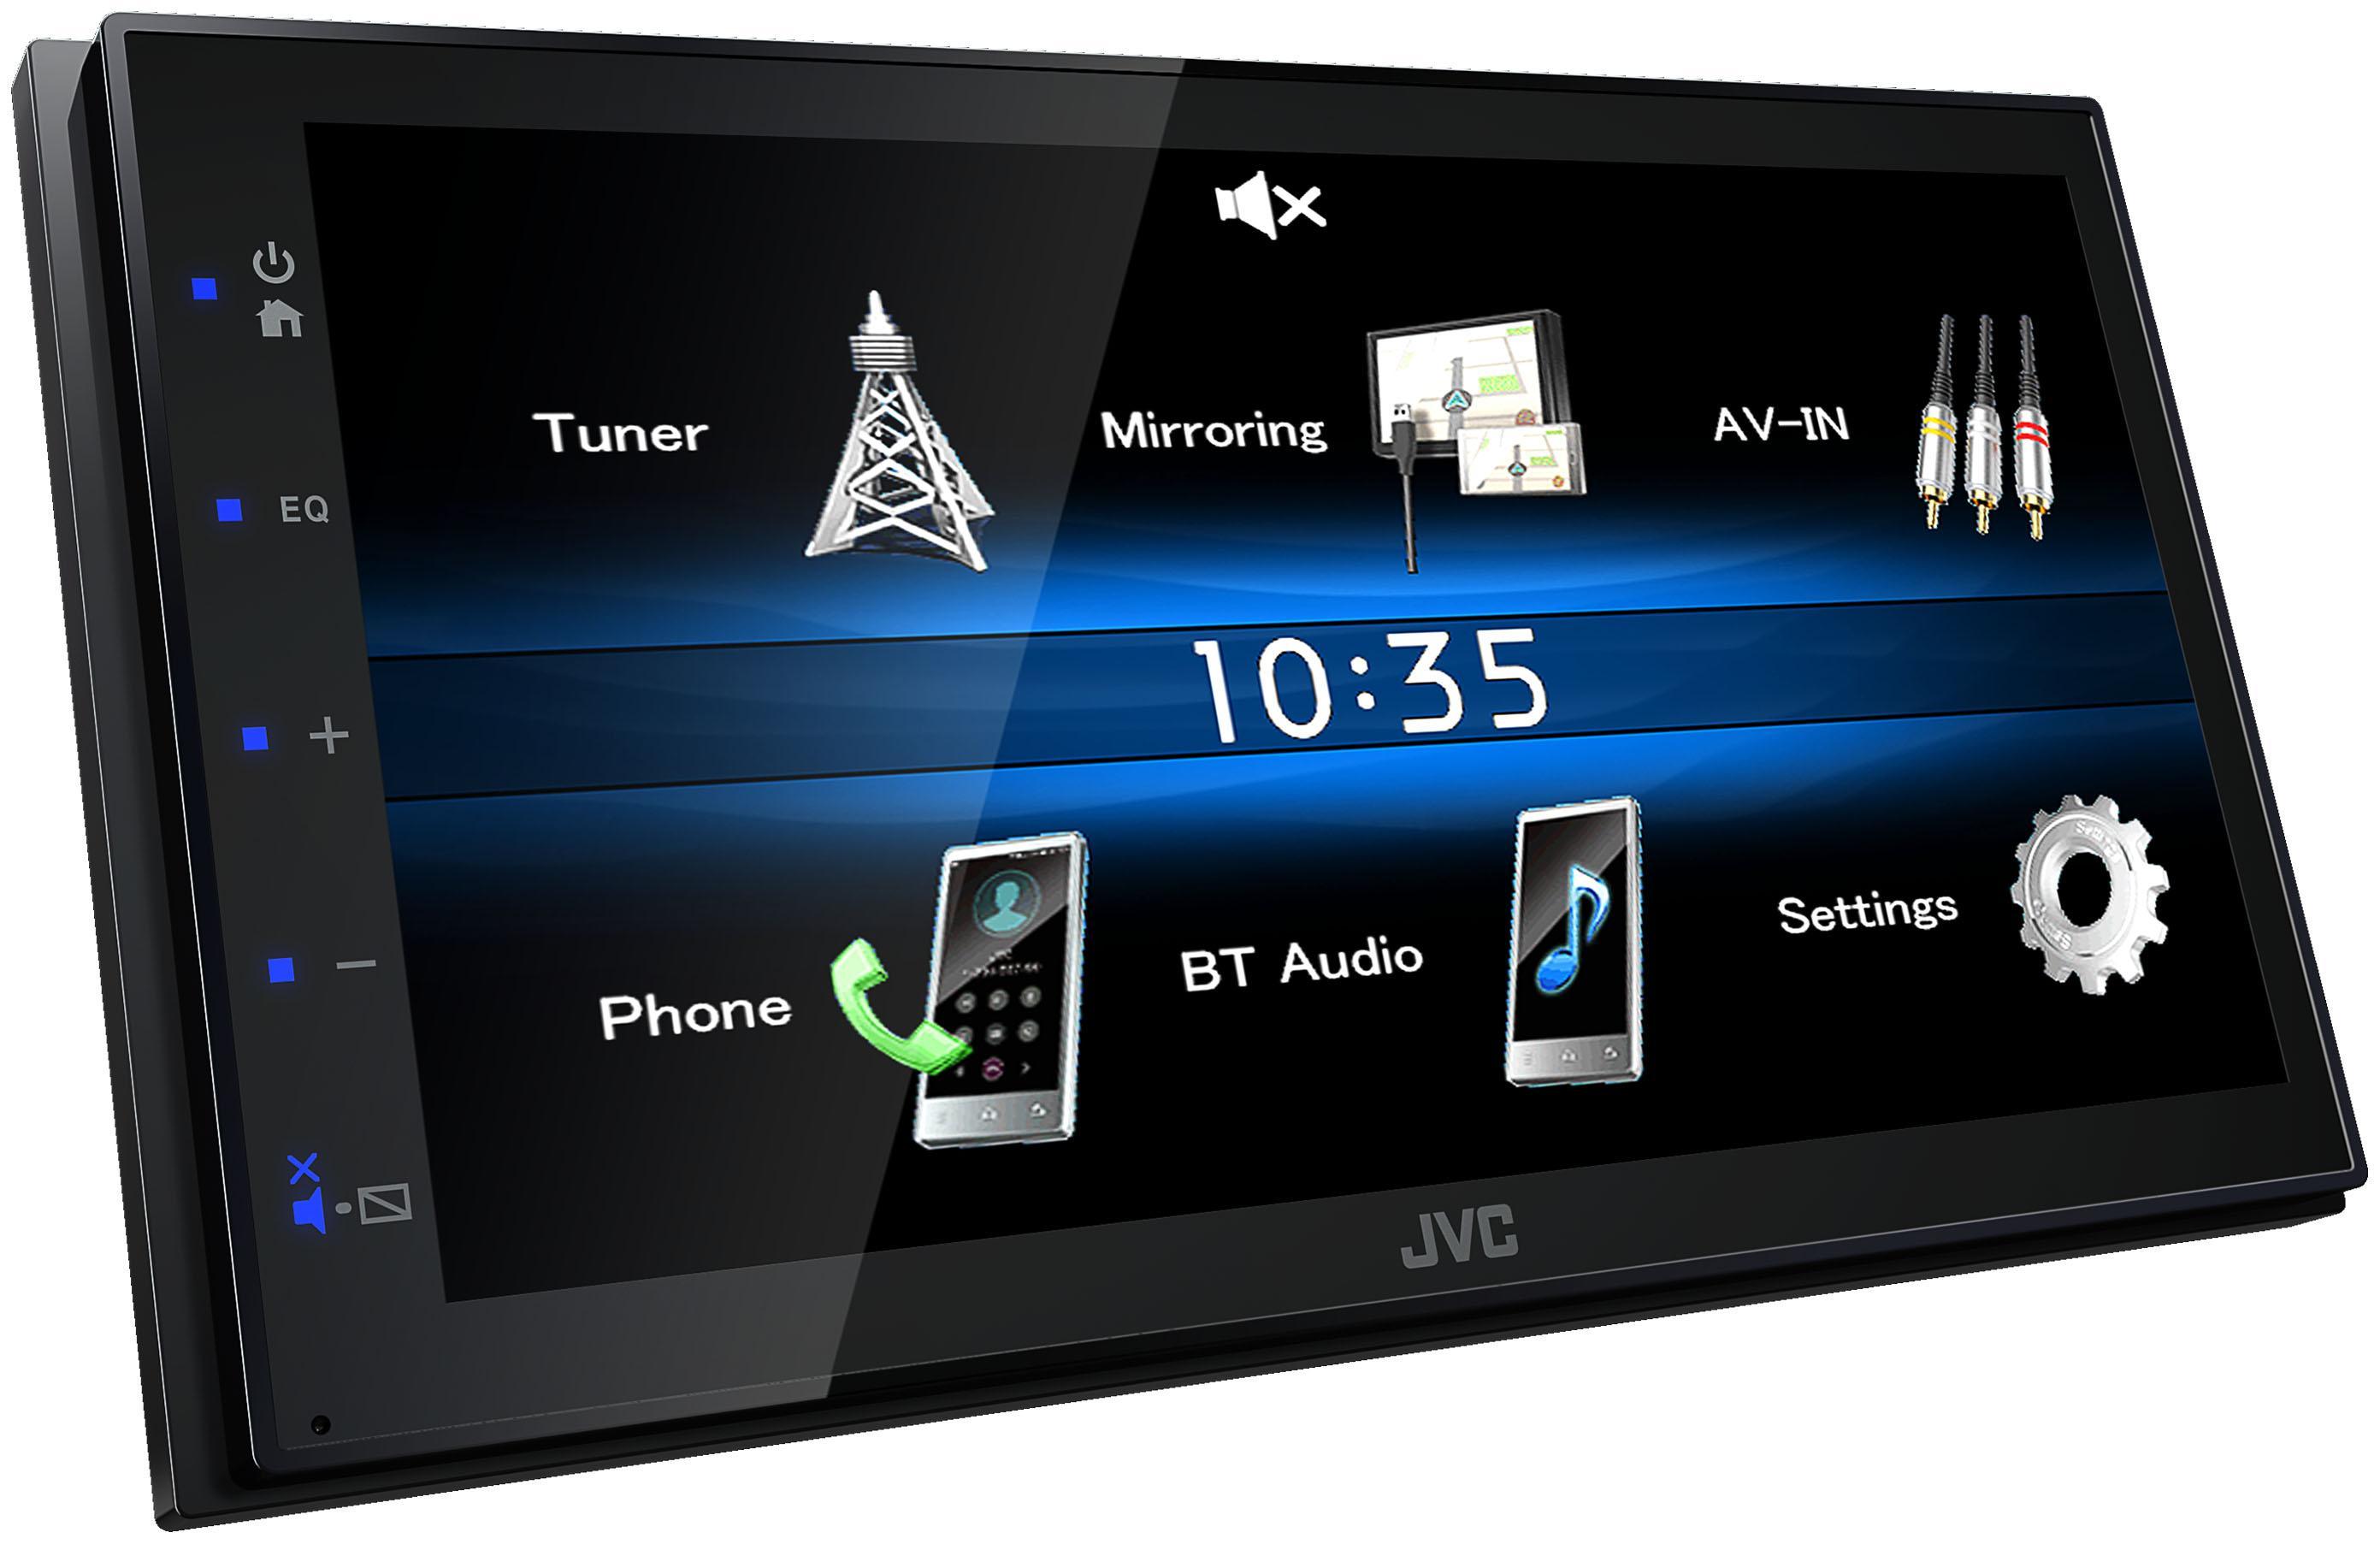 KW-M25BT Pantalla para coche JVC - Productos de marca económicos